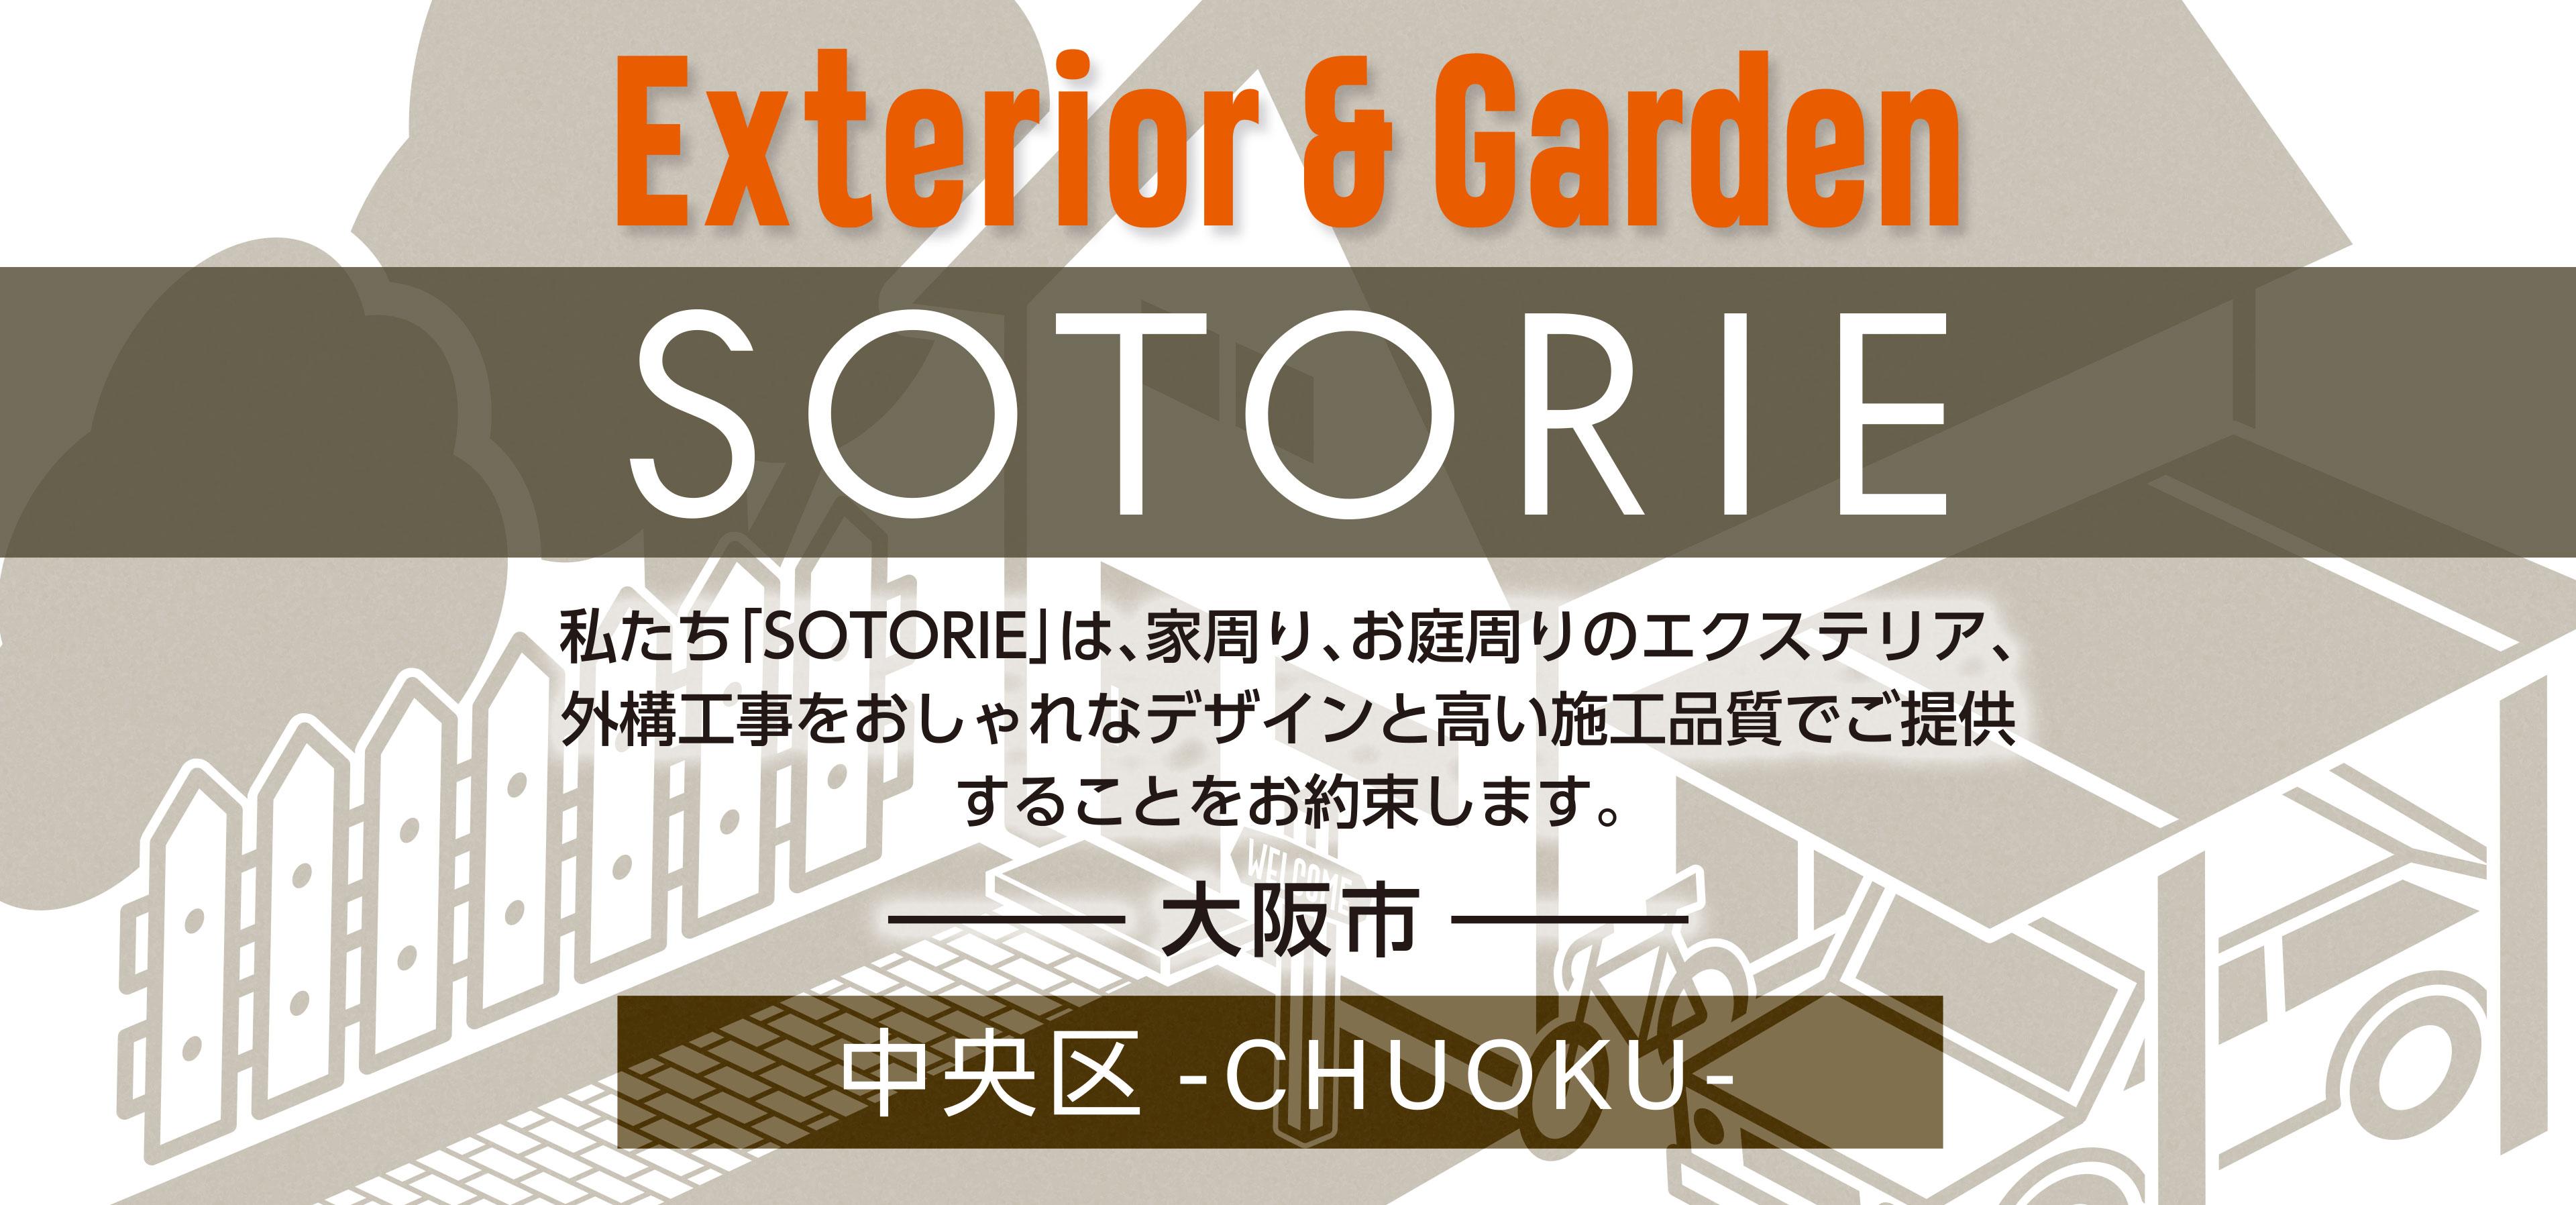 ソトリエ大阪市中央区では、家周りと庭周りの外構、エクステリア工事をおしゃれなデザインと高い施工品質でご提供することをお約束します。